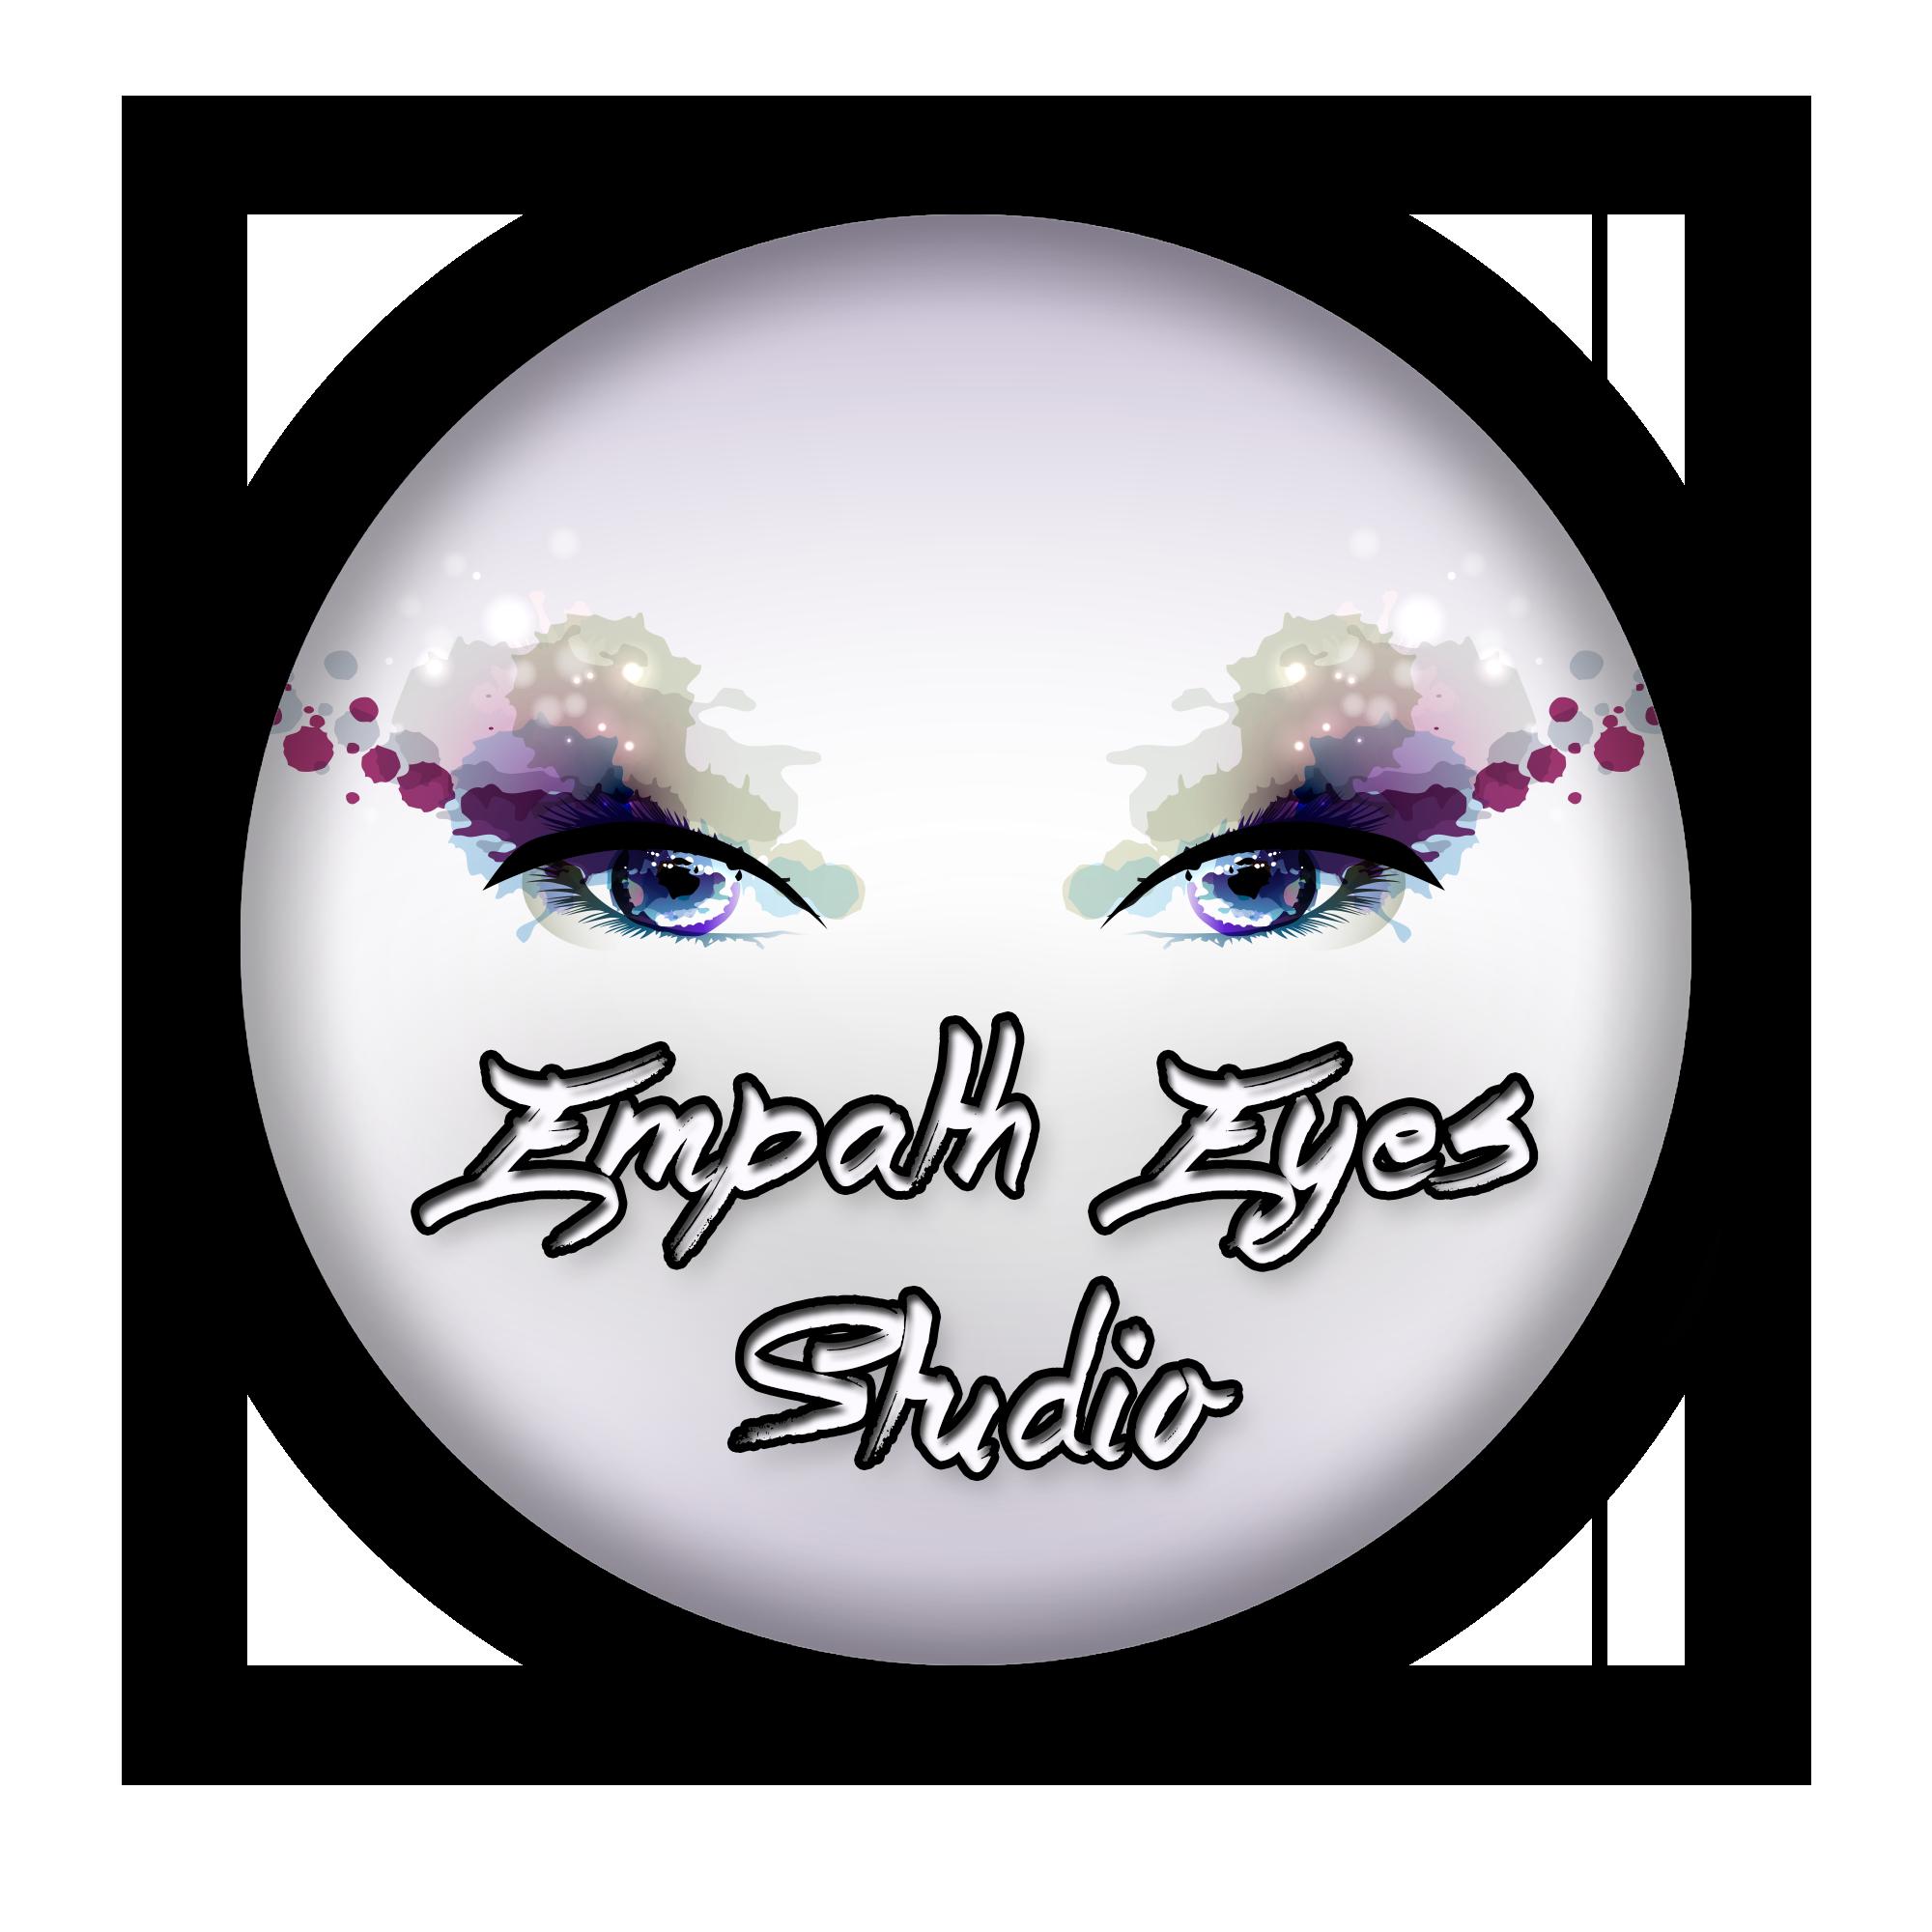 Ees_circle_2000x2000_v1